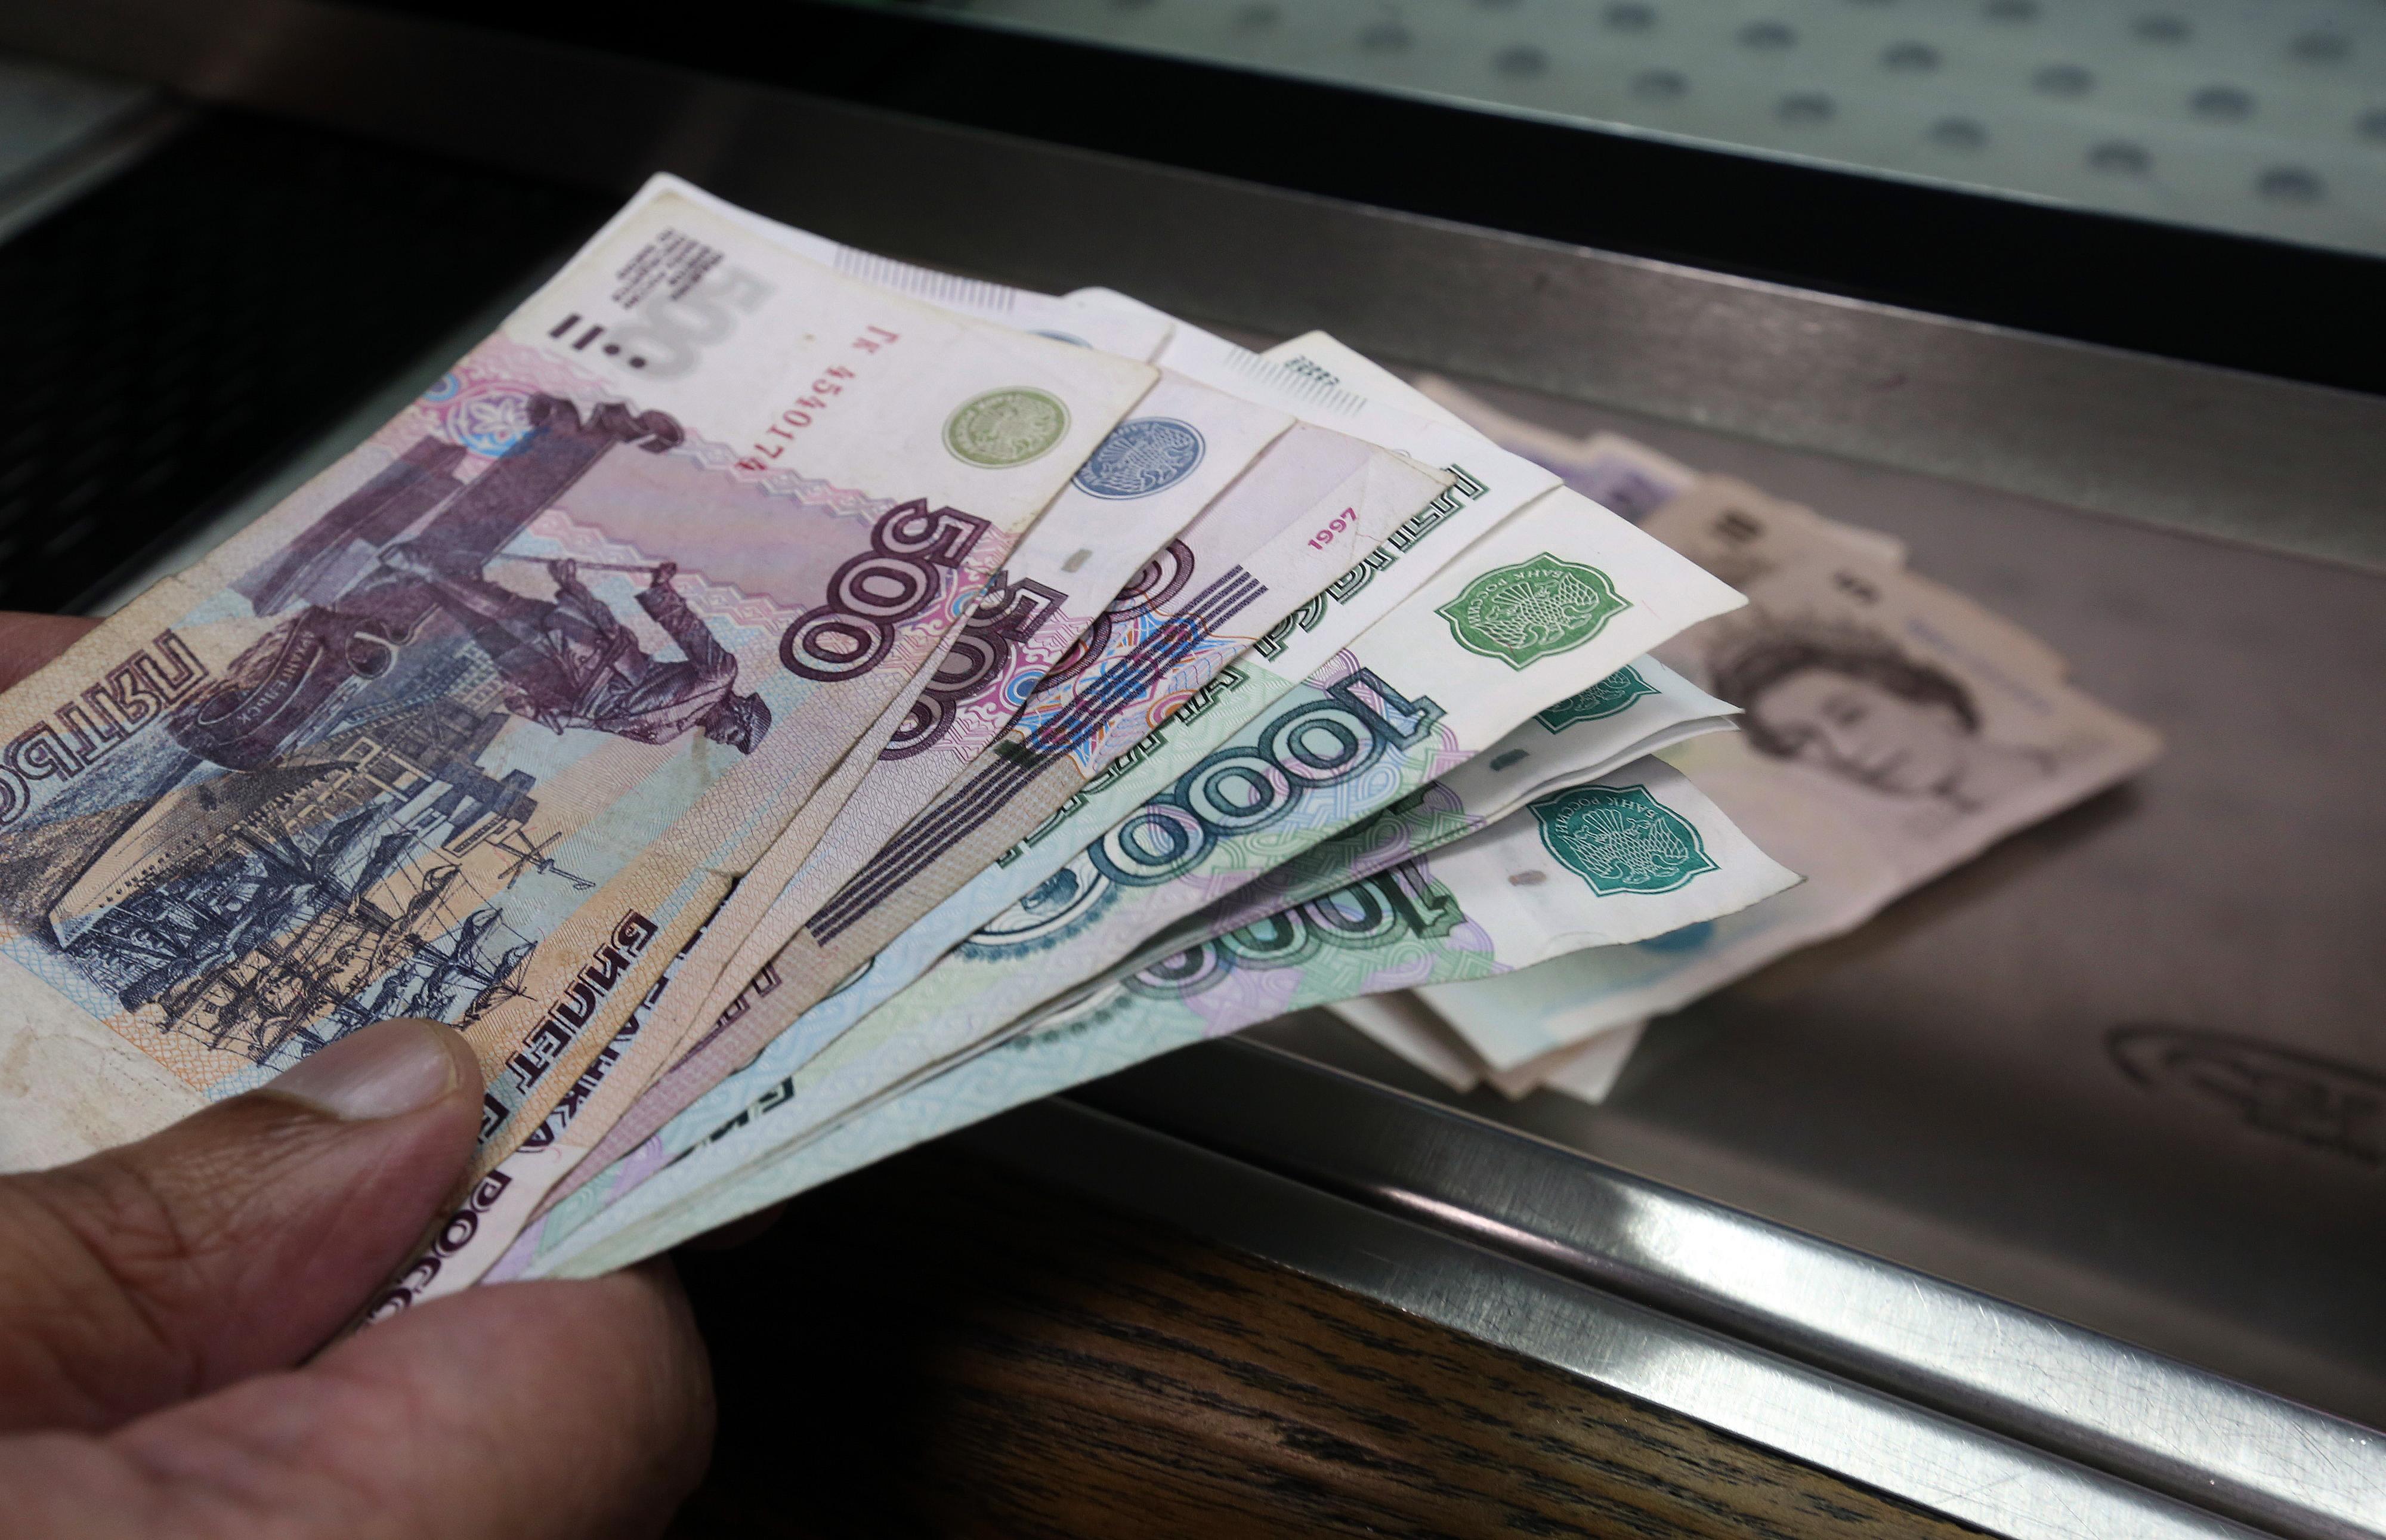 zajmy-do-100000-rublej-na-kartu_10